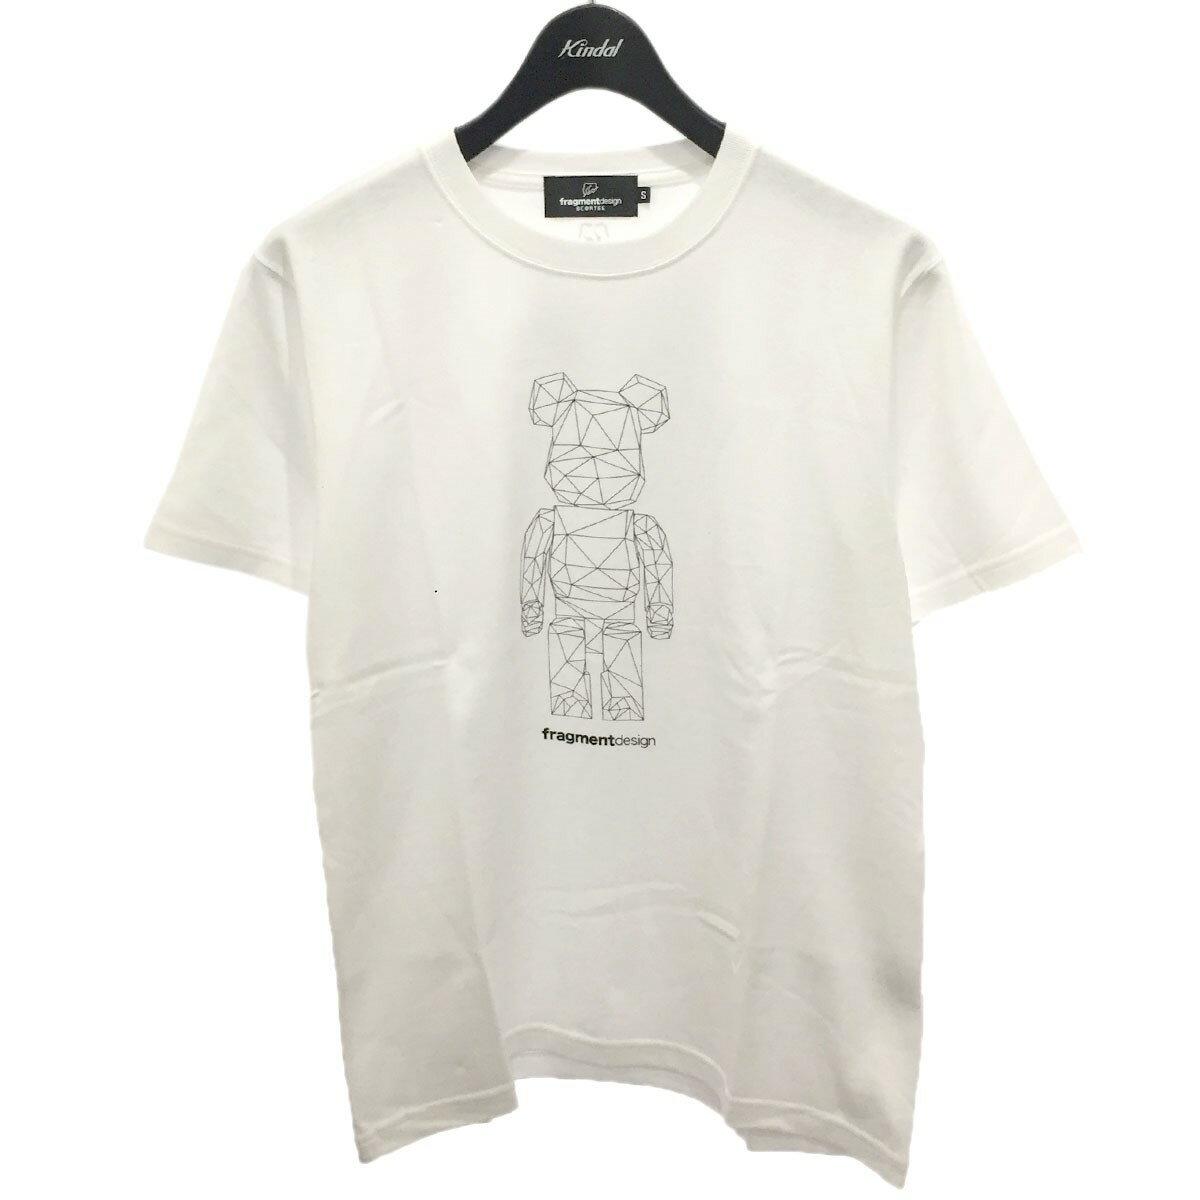 トップス, Tシャツ・カットソー FRAGMENT DESIGN BEARBRICK MEDICOM TOY EXHIBITION 2020 IN VIRTUAL T S 260821